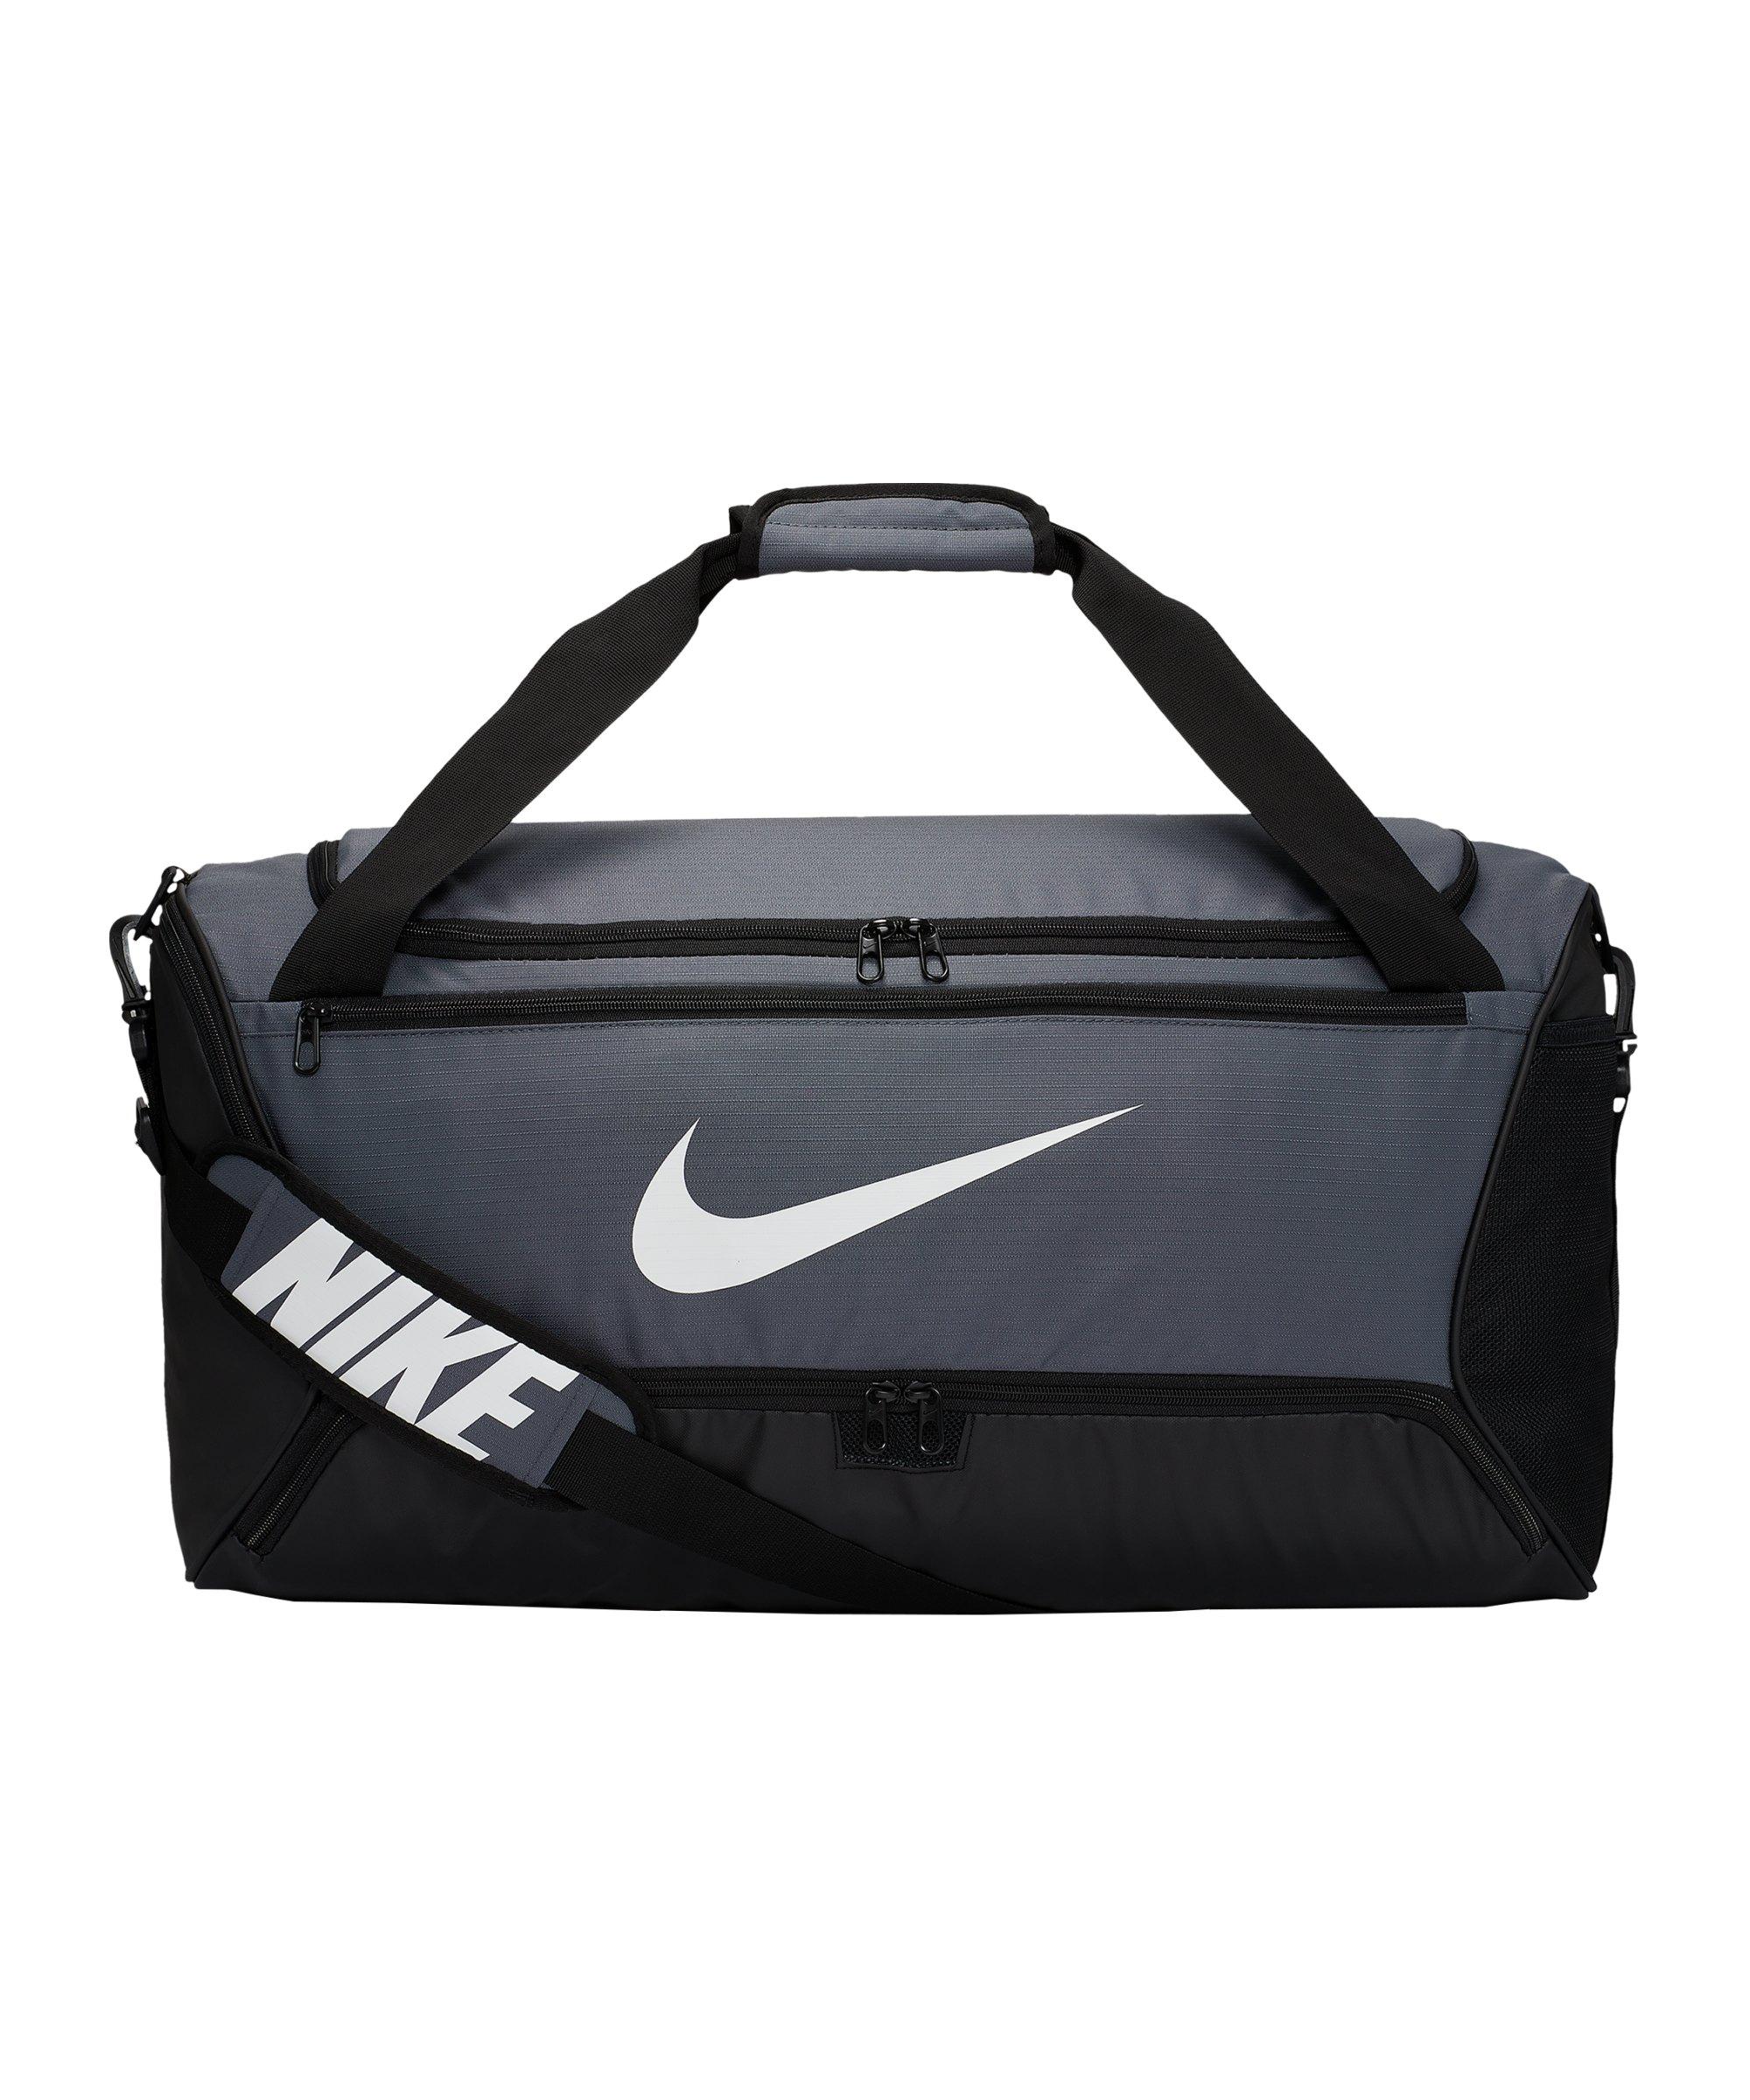 Nike Brasilia Duffel Bag Tasche Medium Grau F026 - grau